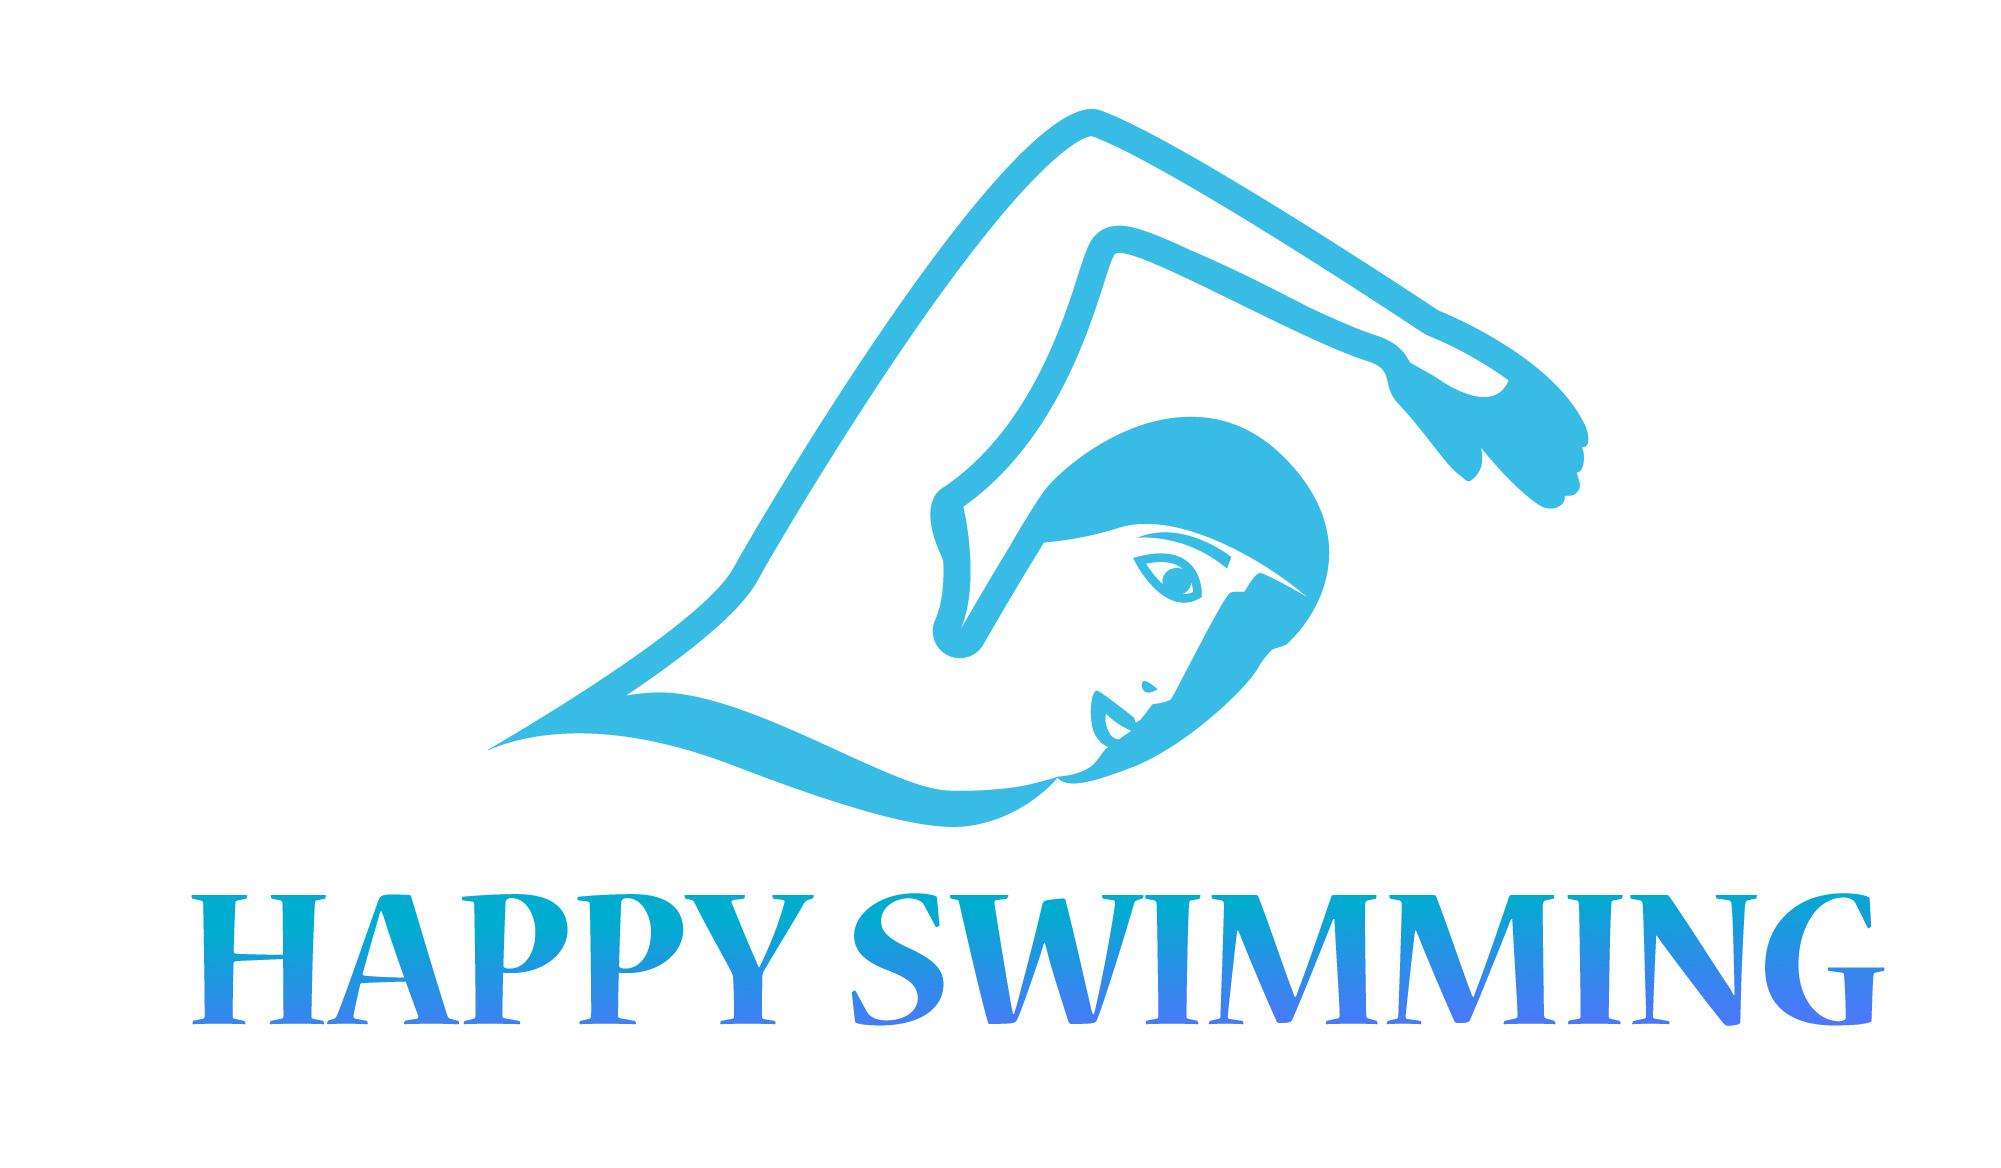 Логотип для  детского бассейна. фото f_3035c76bcc03b205.jpg